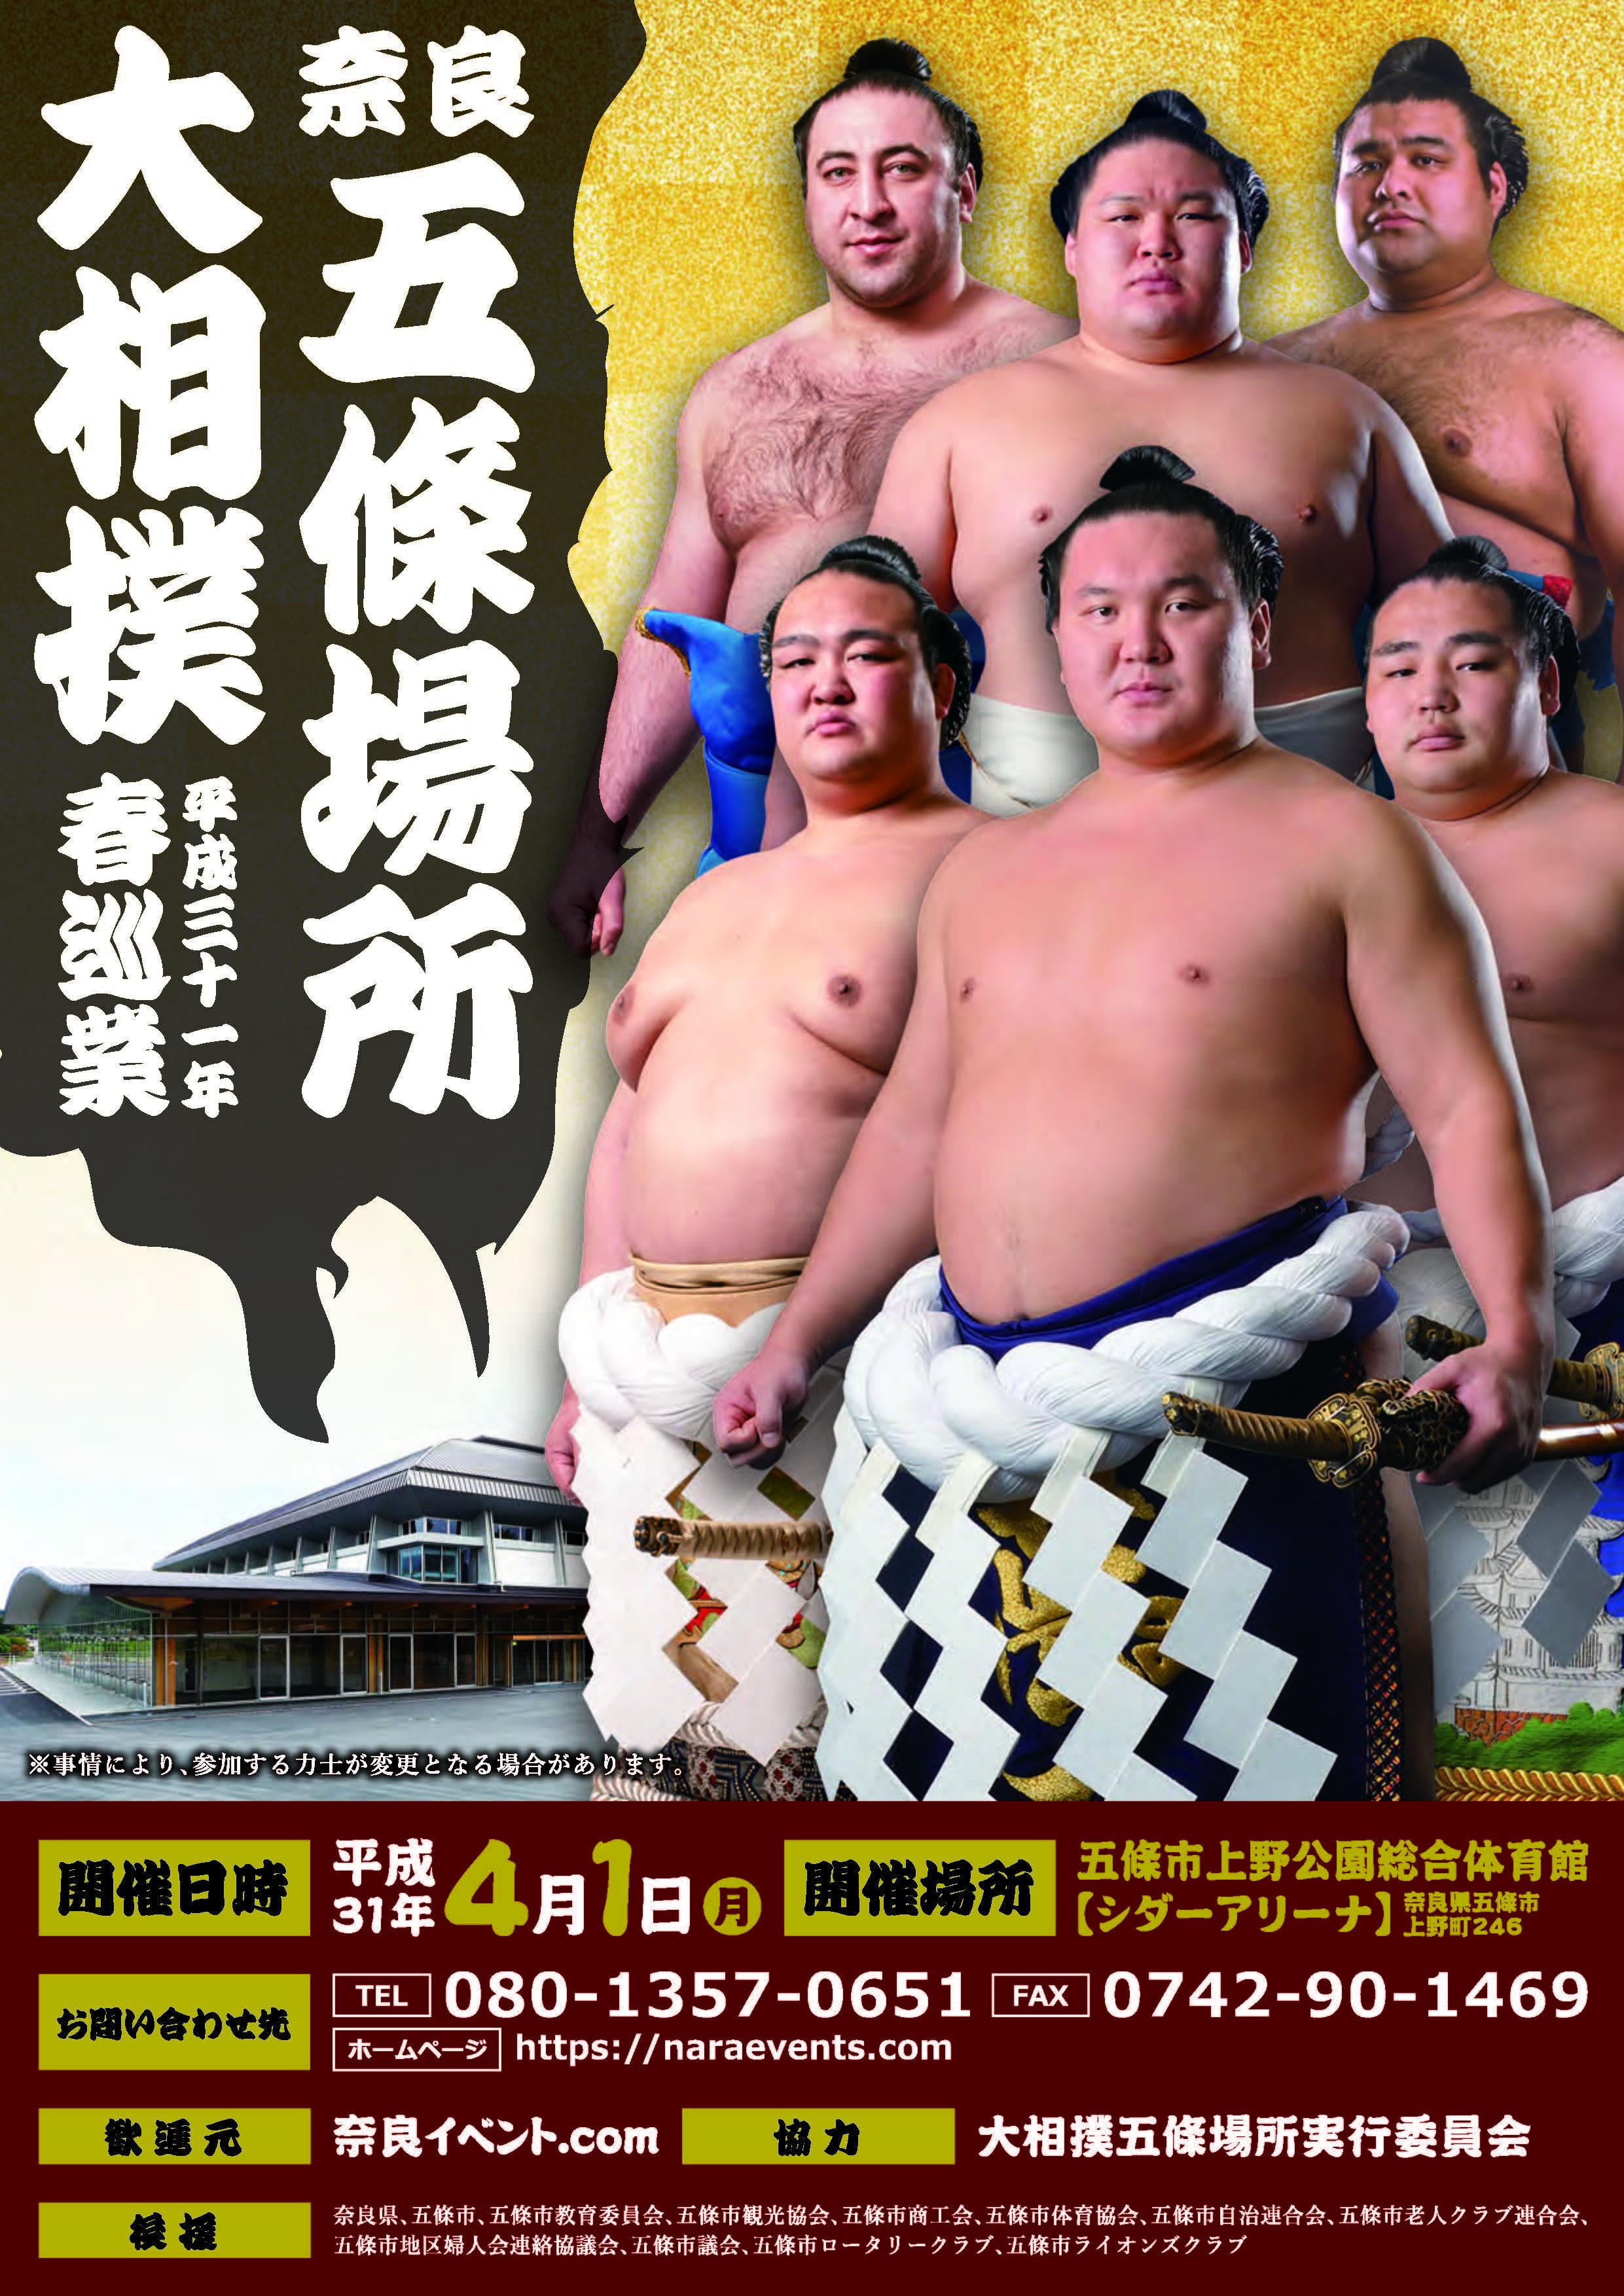 今年の春巡業は相撲発祥の地・奈良からスタート!奈良県五條市で64年 ...